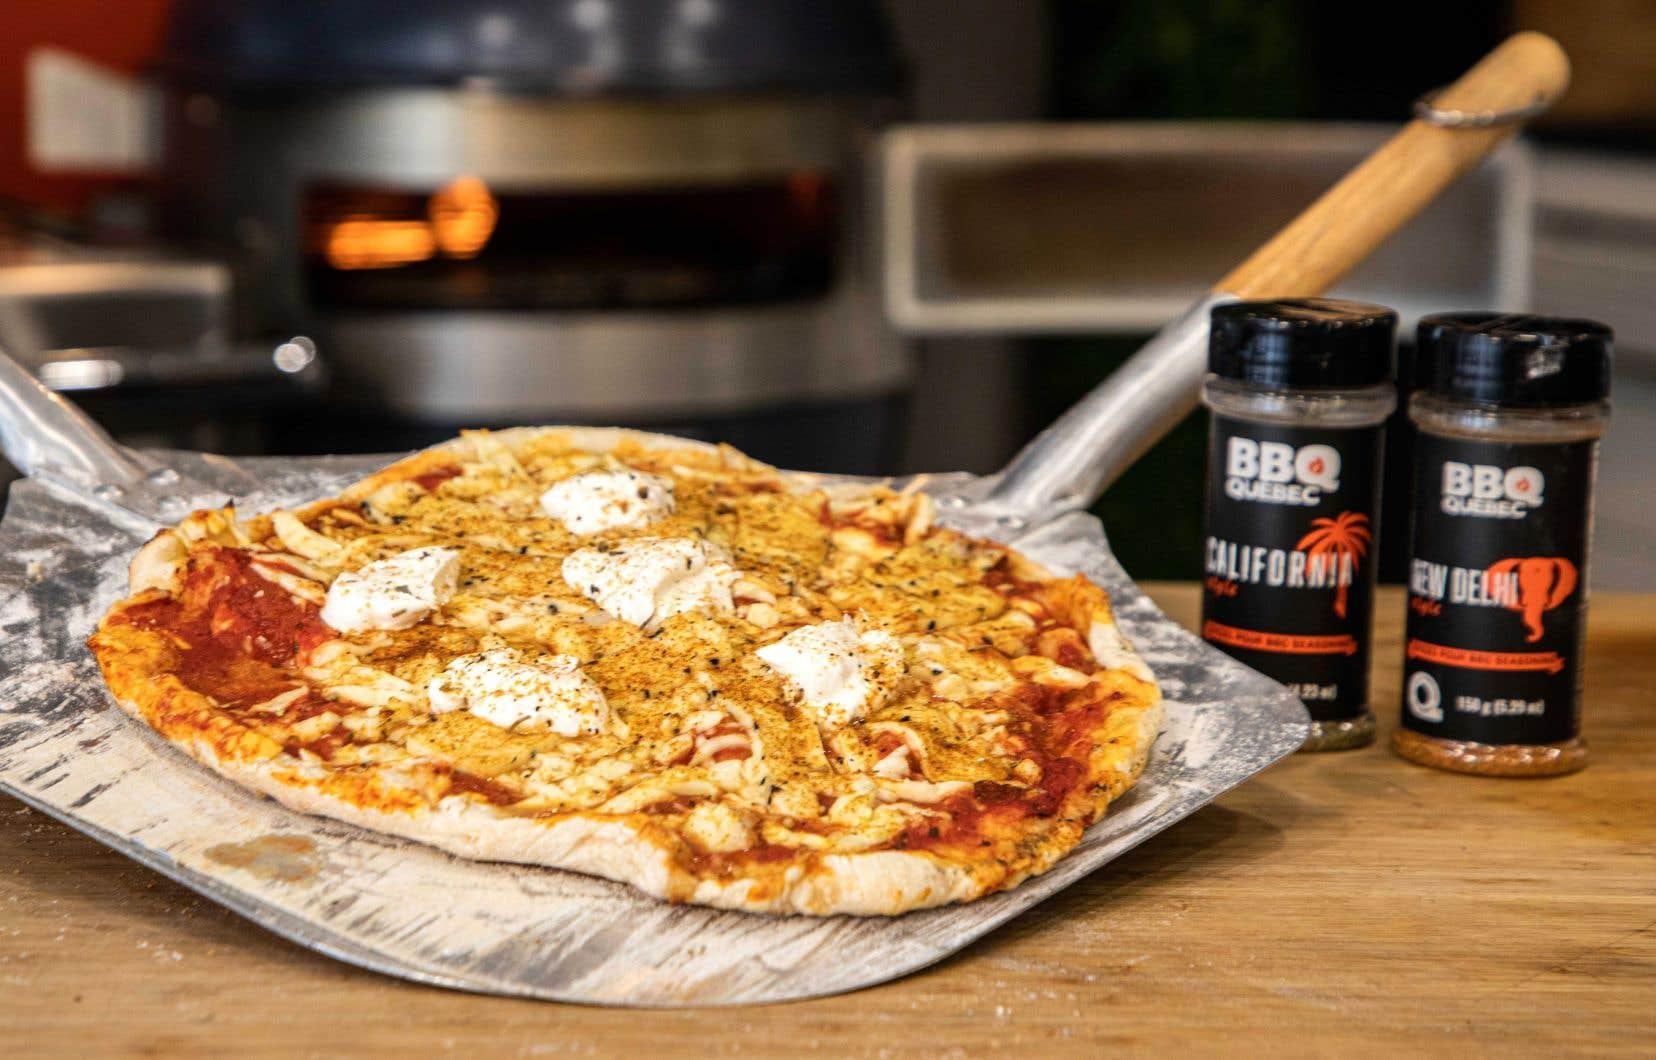 Saupoudrée d'épices California et New Delhi de BBQ Québec, la pizza triple fromage au barbecue est succulente à déguster.